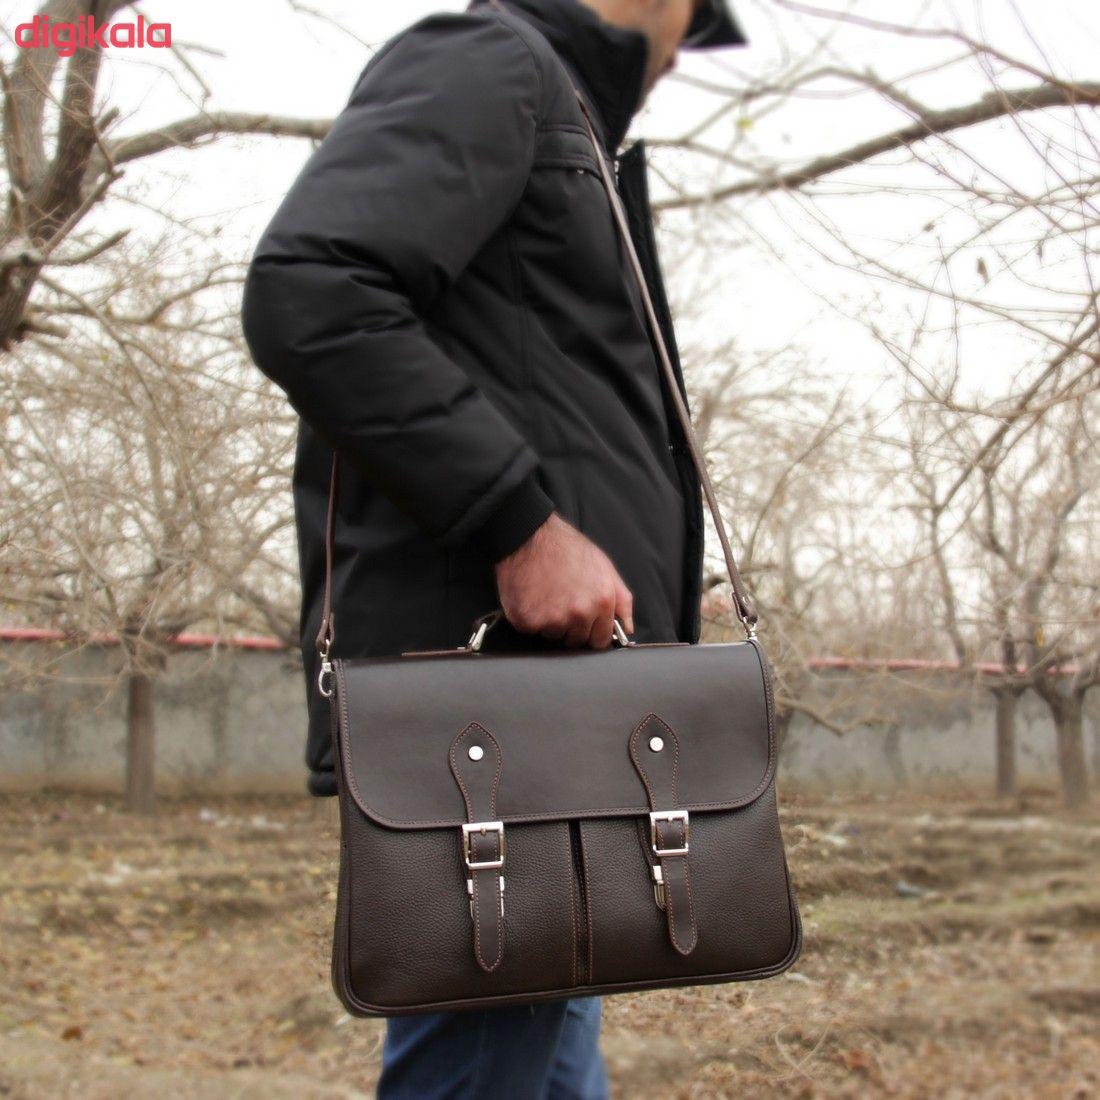 کیف اداری مردانه چرم بیسراک مدل مارال کد Ed-502 main 1 24